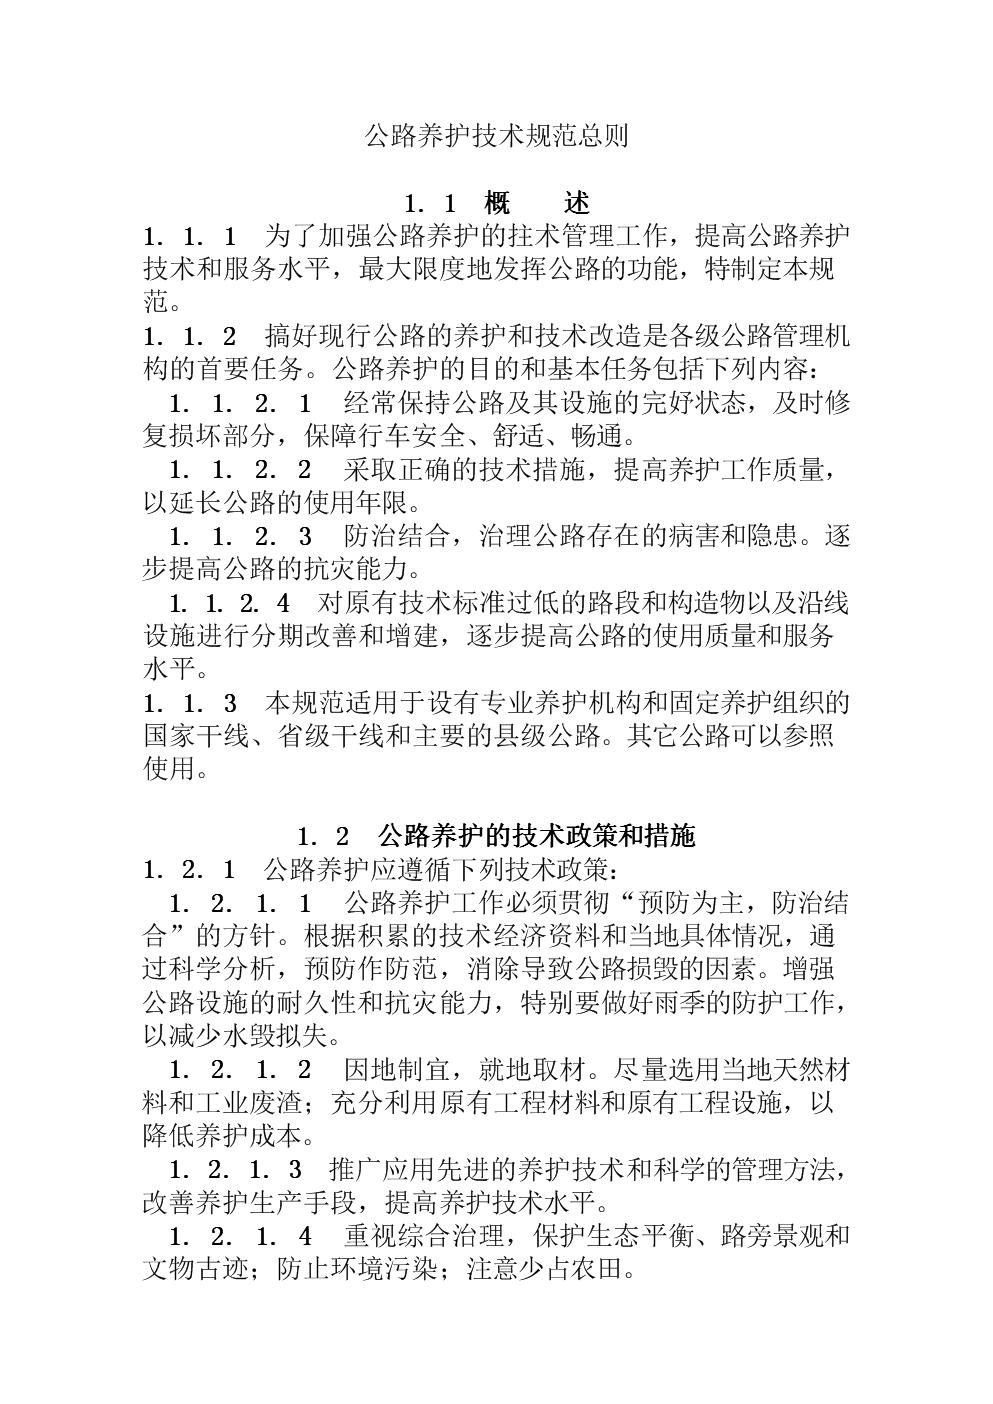 2018年公路养护技术规范.doc